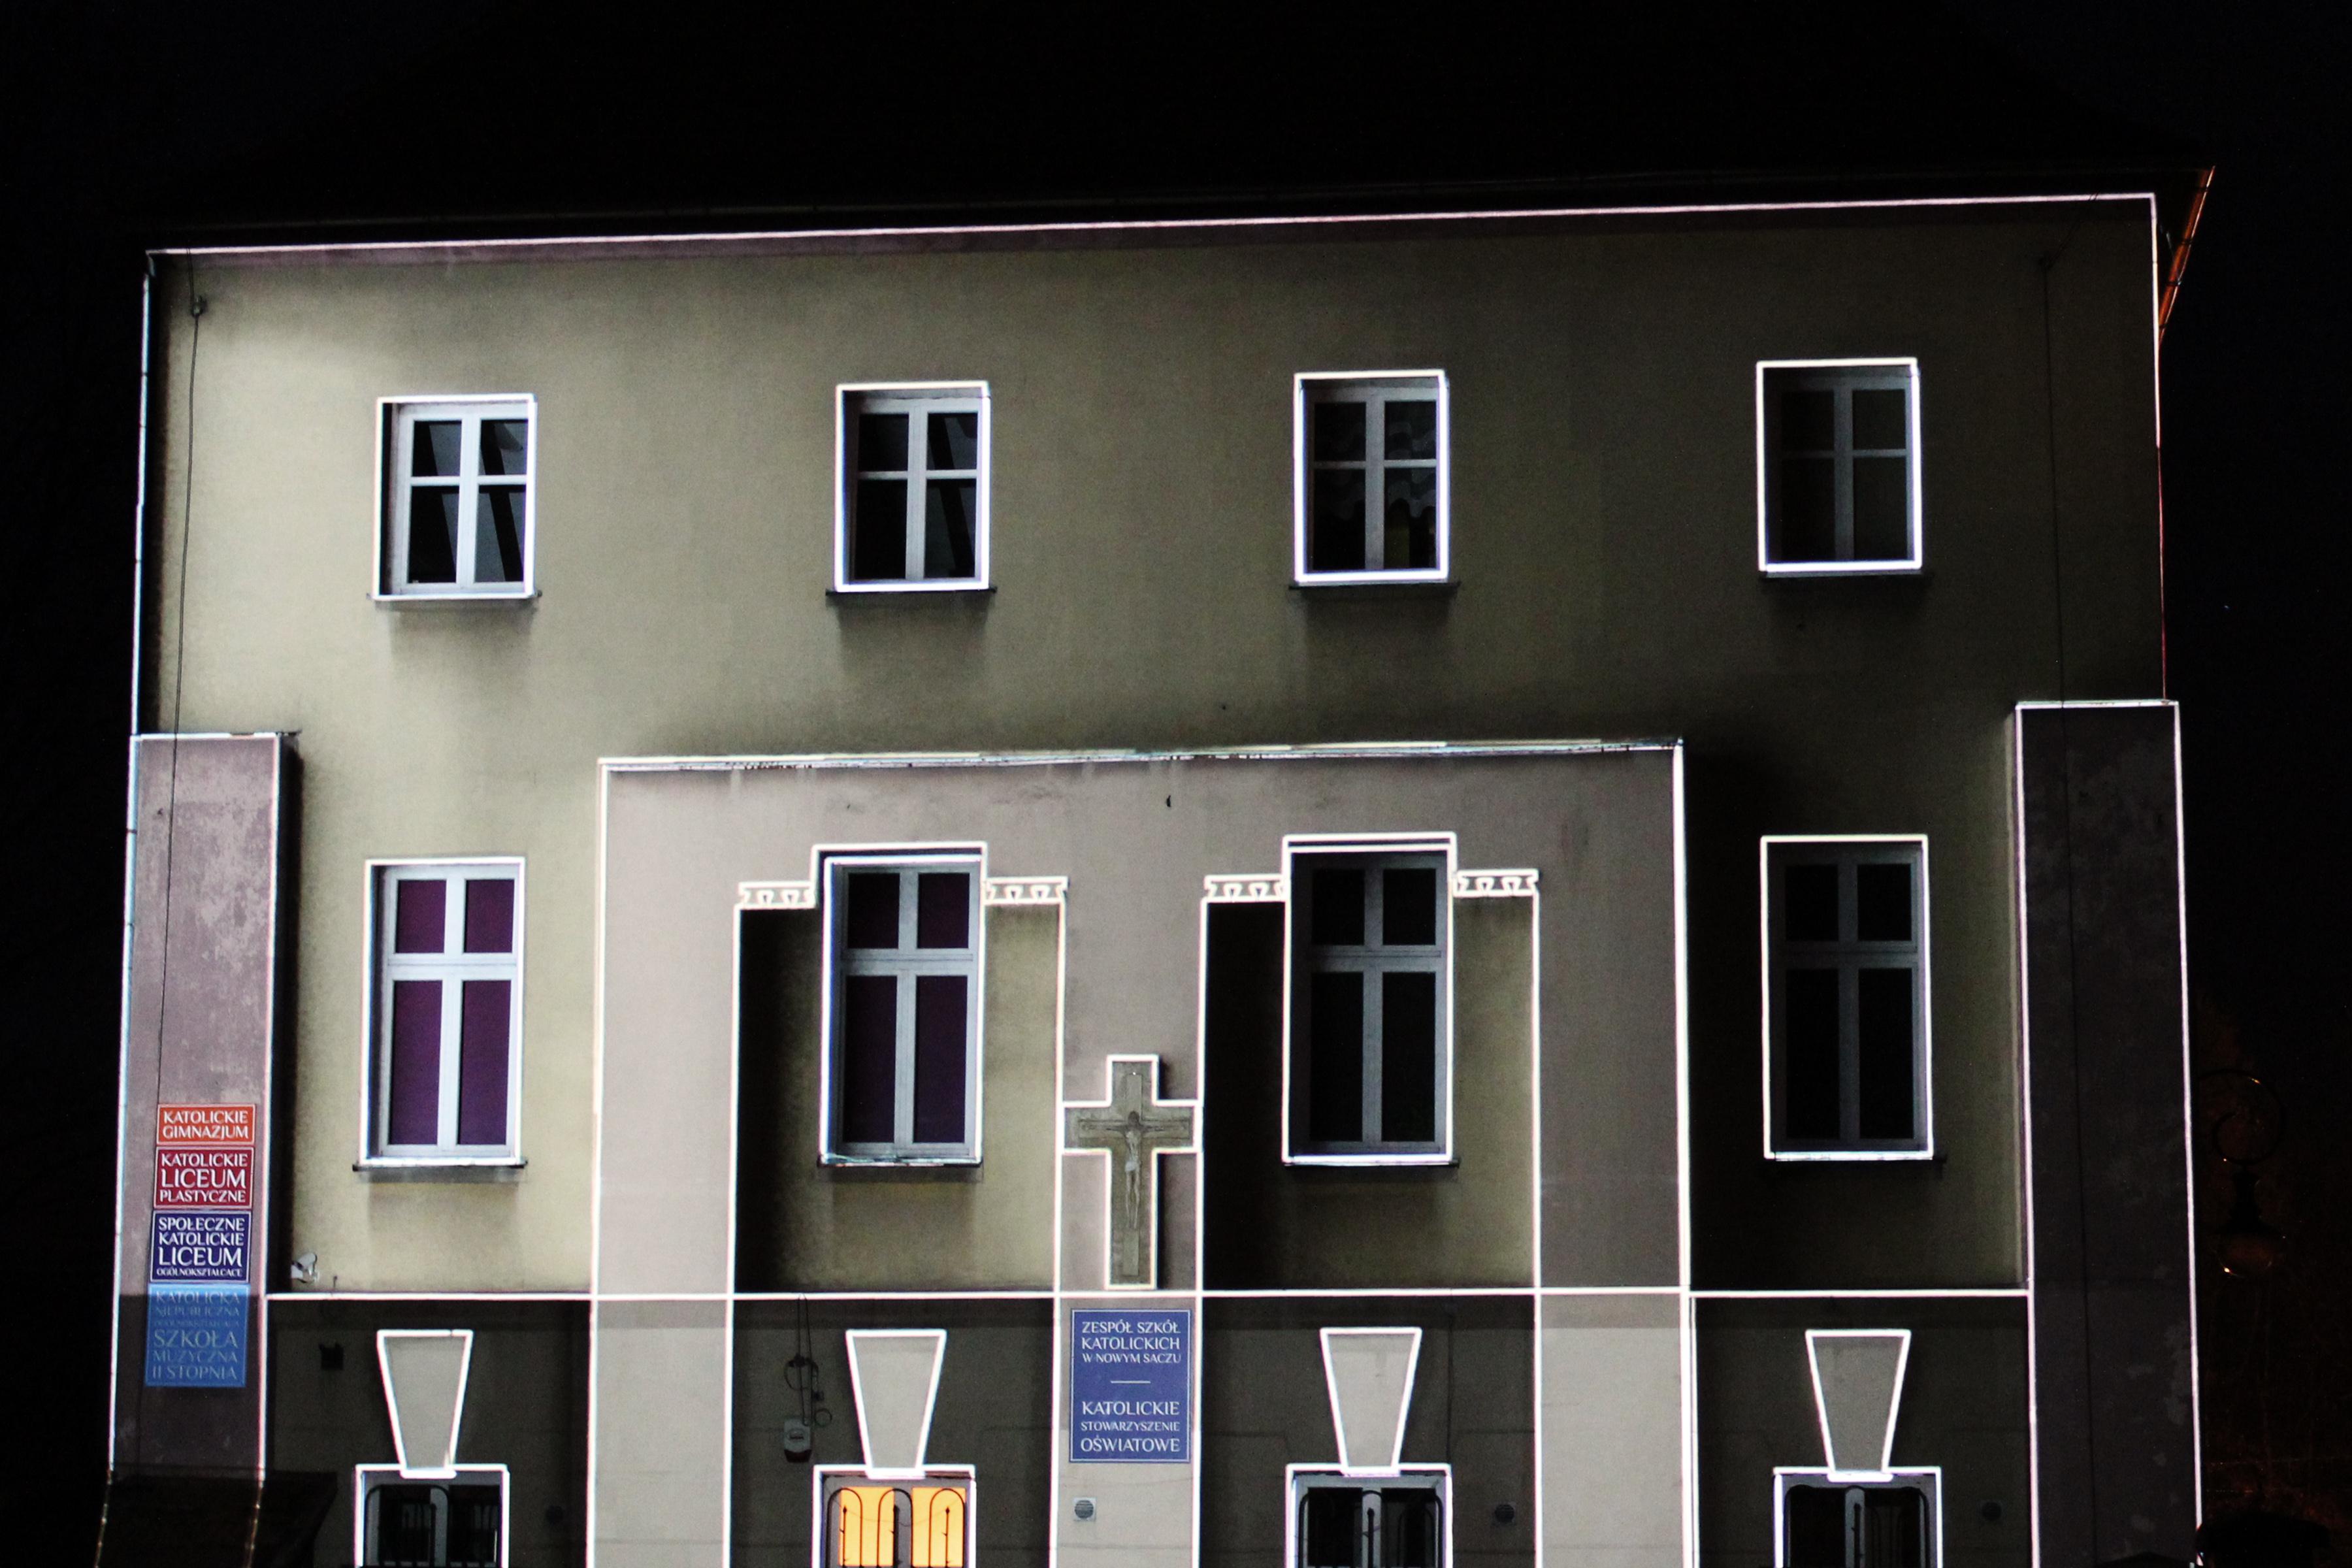 Nowy_Sacz_mapping_09